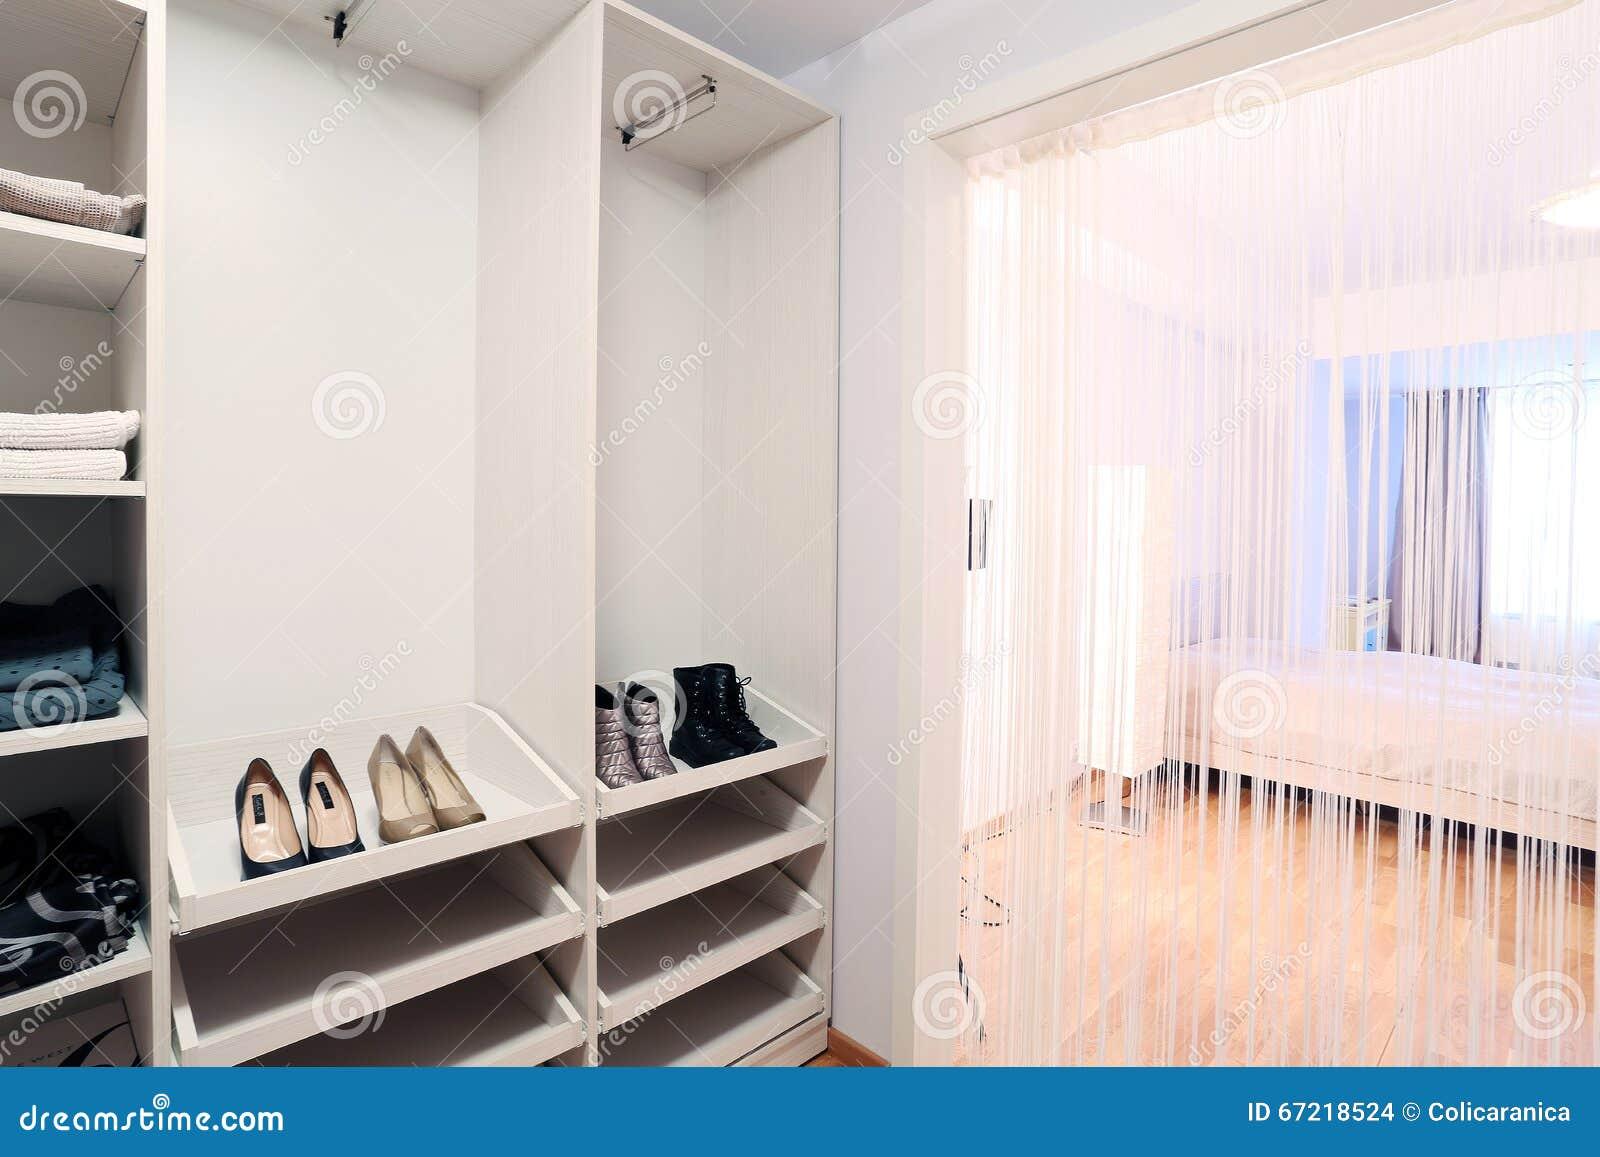 Kleedkamer In Slaapkamer : Slaapkamer met kleedkamer stock foto. afbeelding bestaande uit